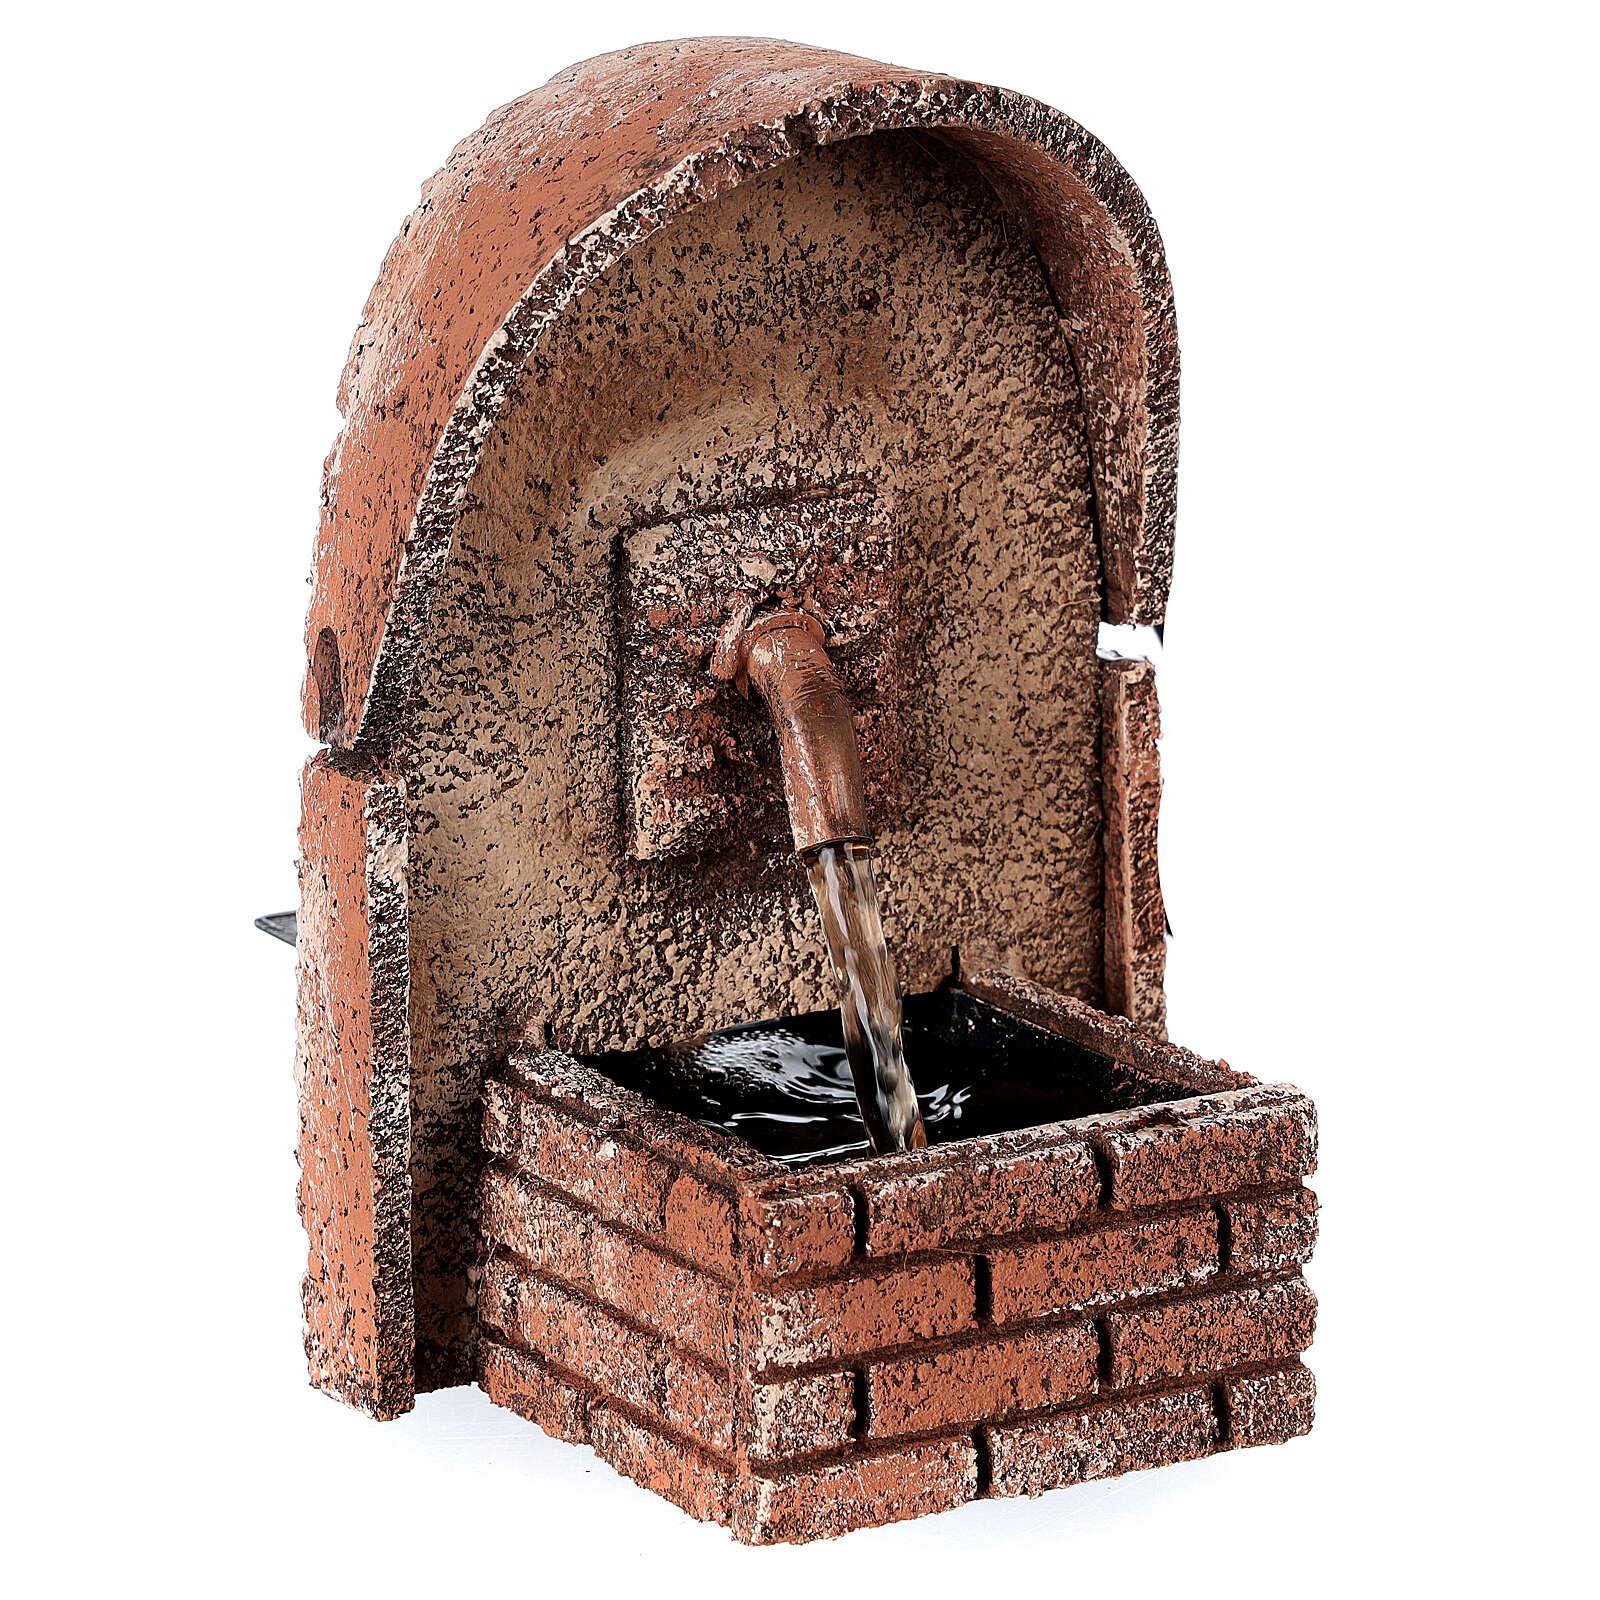 Fonte de água com cobertura em arco miniatura cortiça para presépio com figuras de altura média 8-10 cm, medidas: 14x10x11,5 cm 4